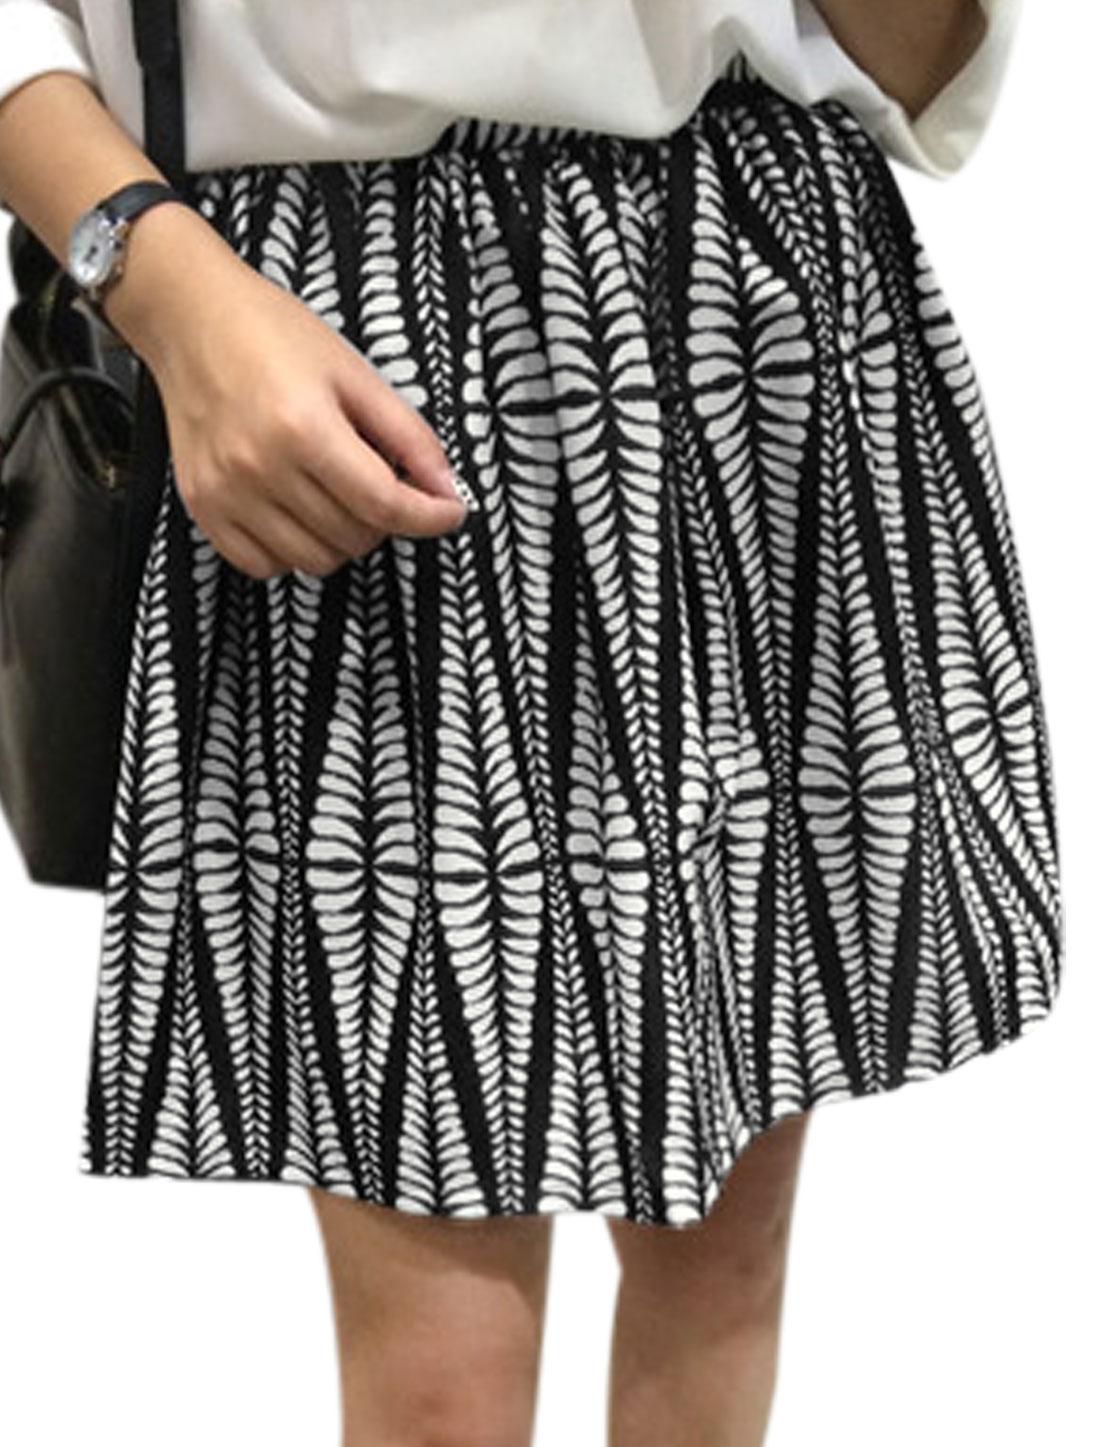 Women Novelty Pattern Hidden Zipper Side Full Skirt Black White M